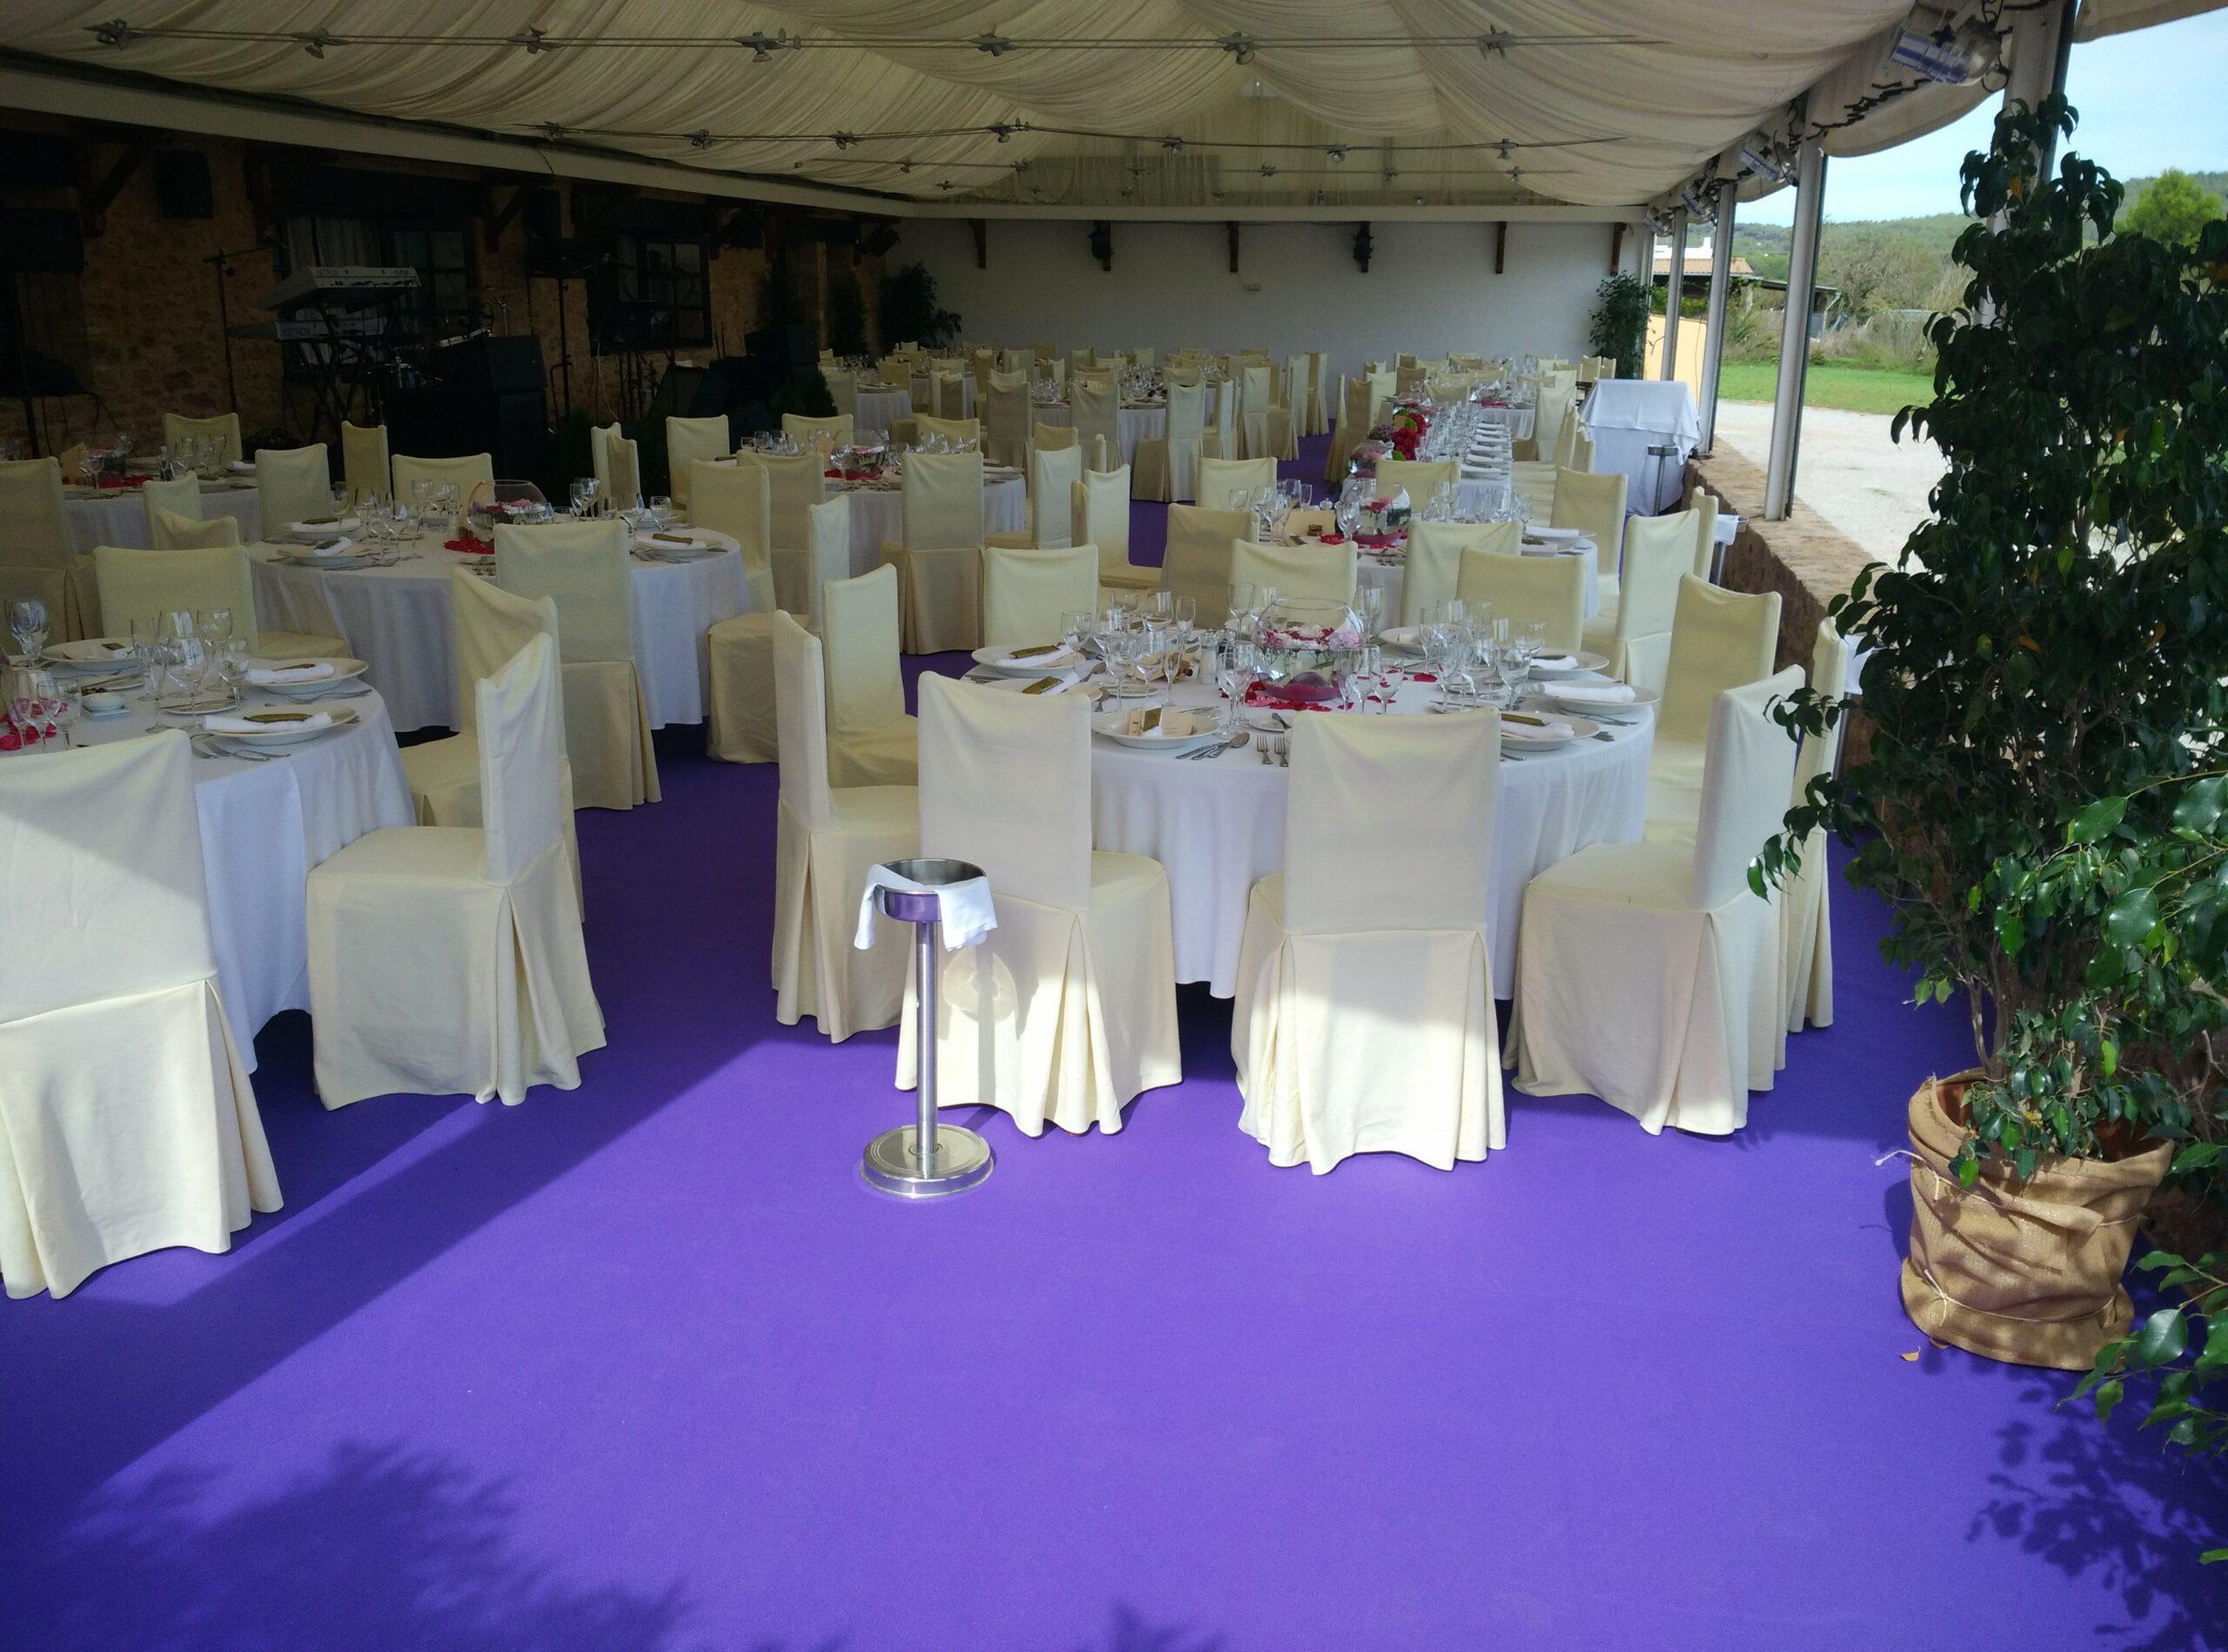 Ejemplo de moqueta para evento en color violeta, revestimiento servido para una boda en Ibiza. Rollos de moquetas por metros para cubrir el suelo del salón.